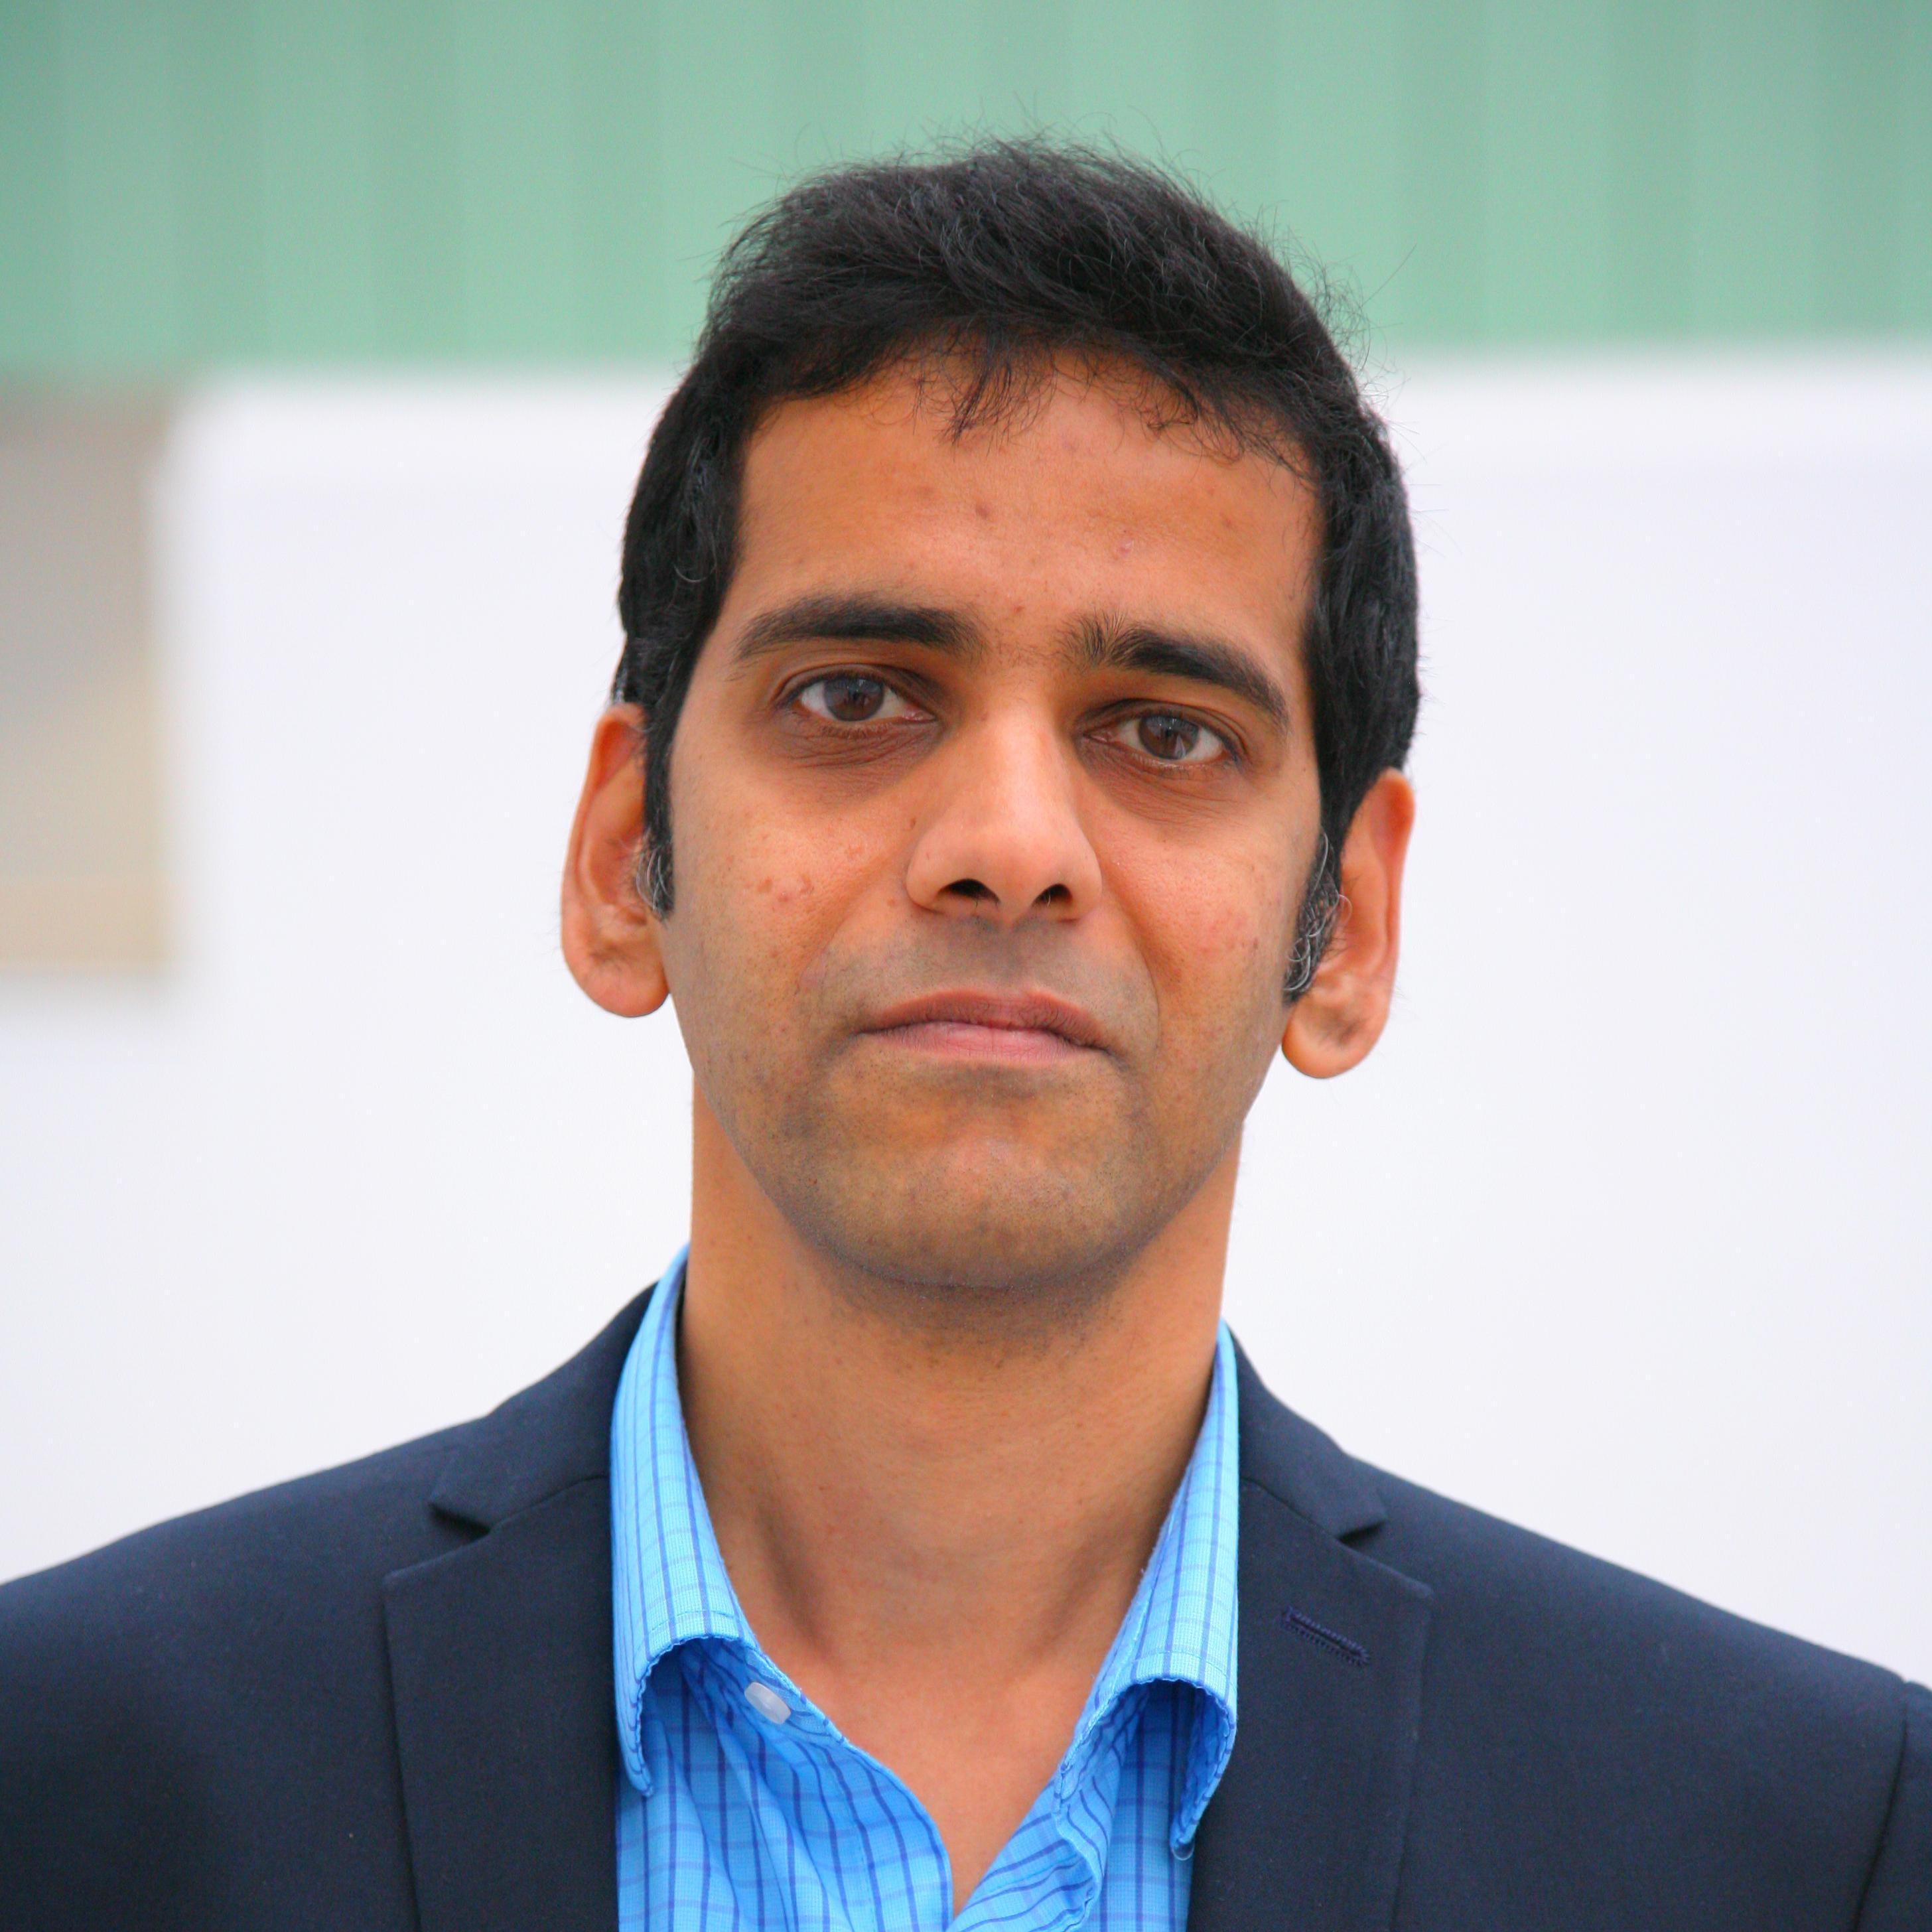 Doctor Aditya Karnik